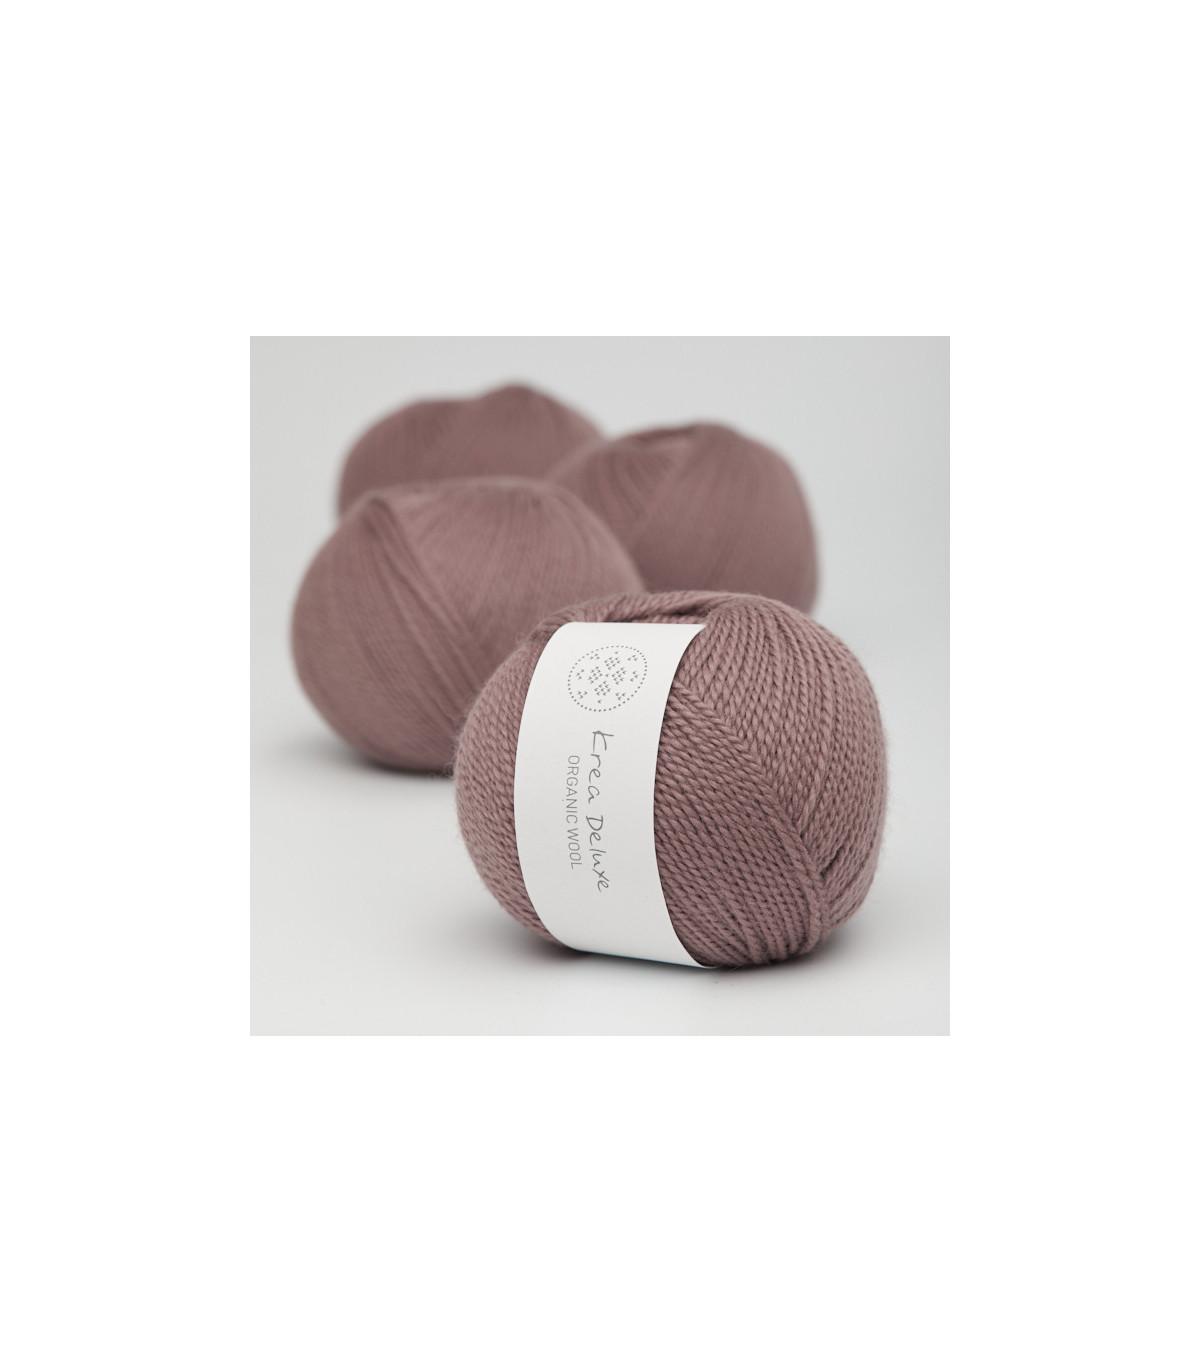 Wool 1 (Neu) - Krea Deluxe in der Farbe W 16 Dunkles Altrosa